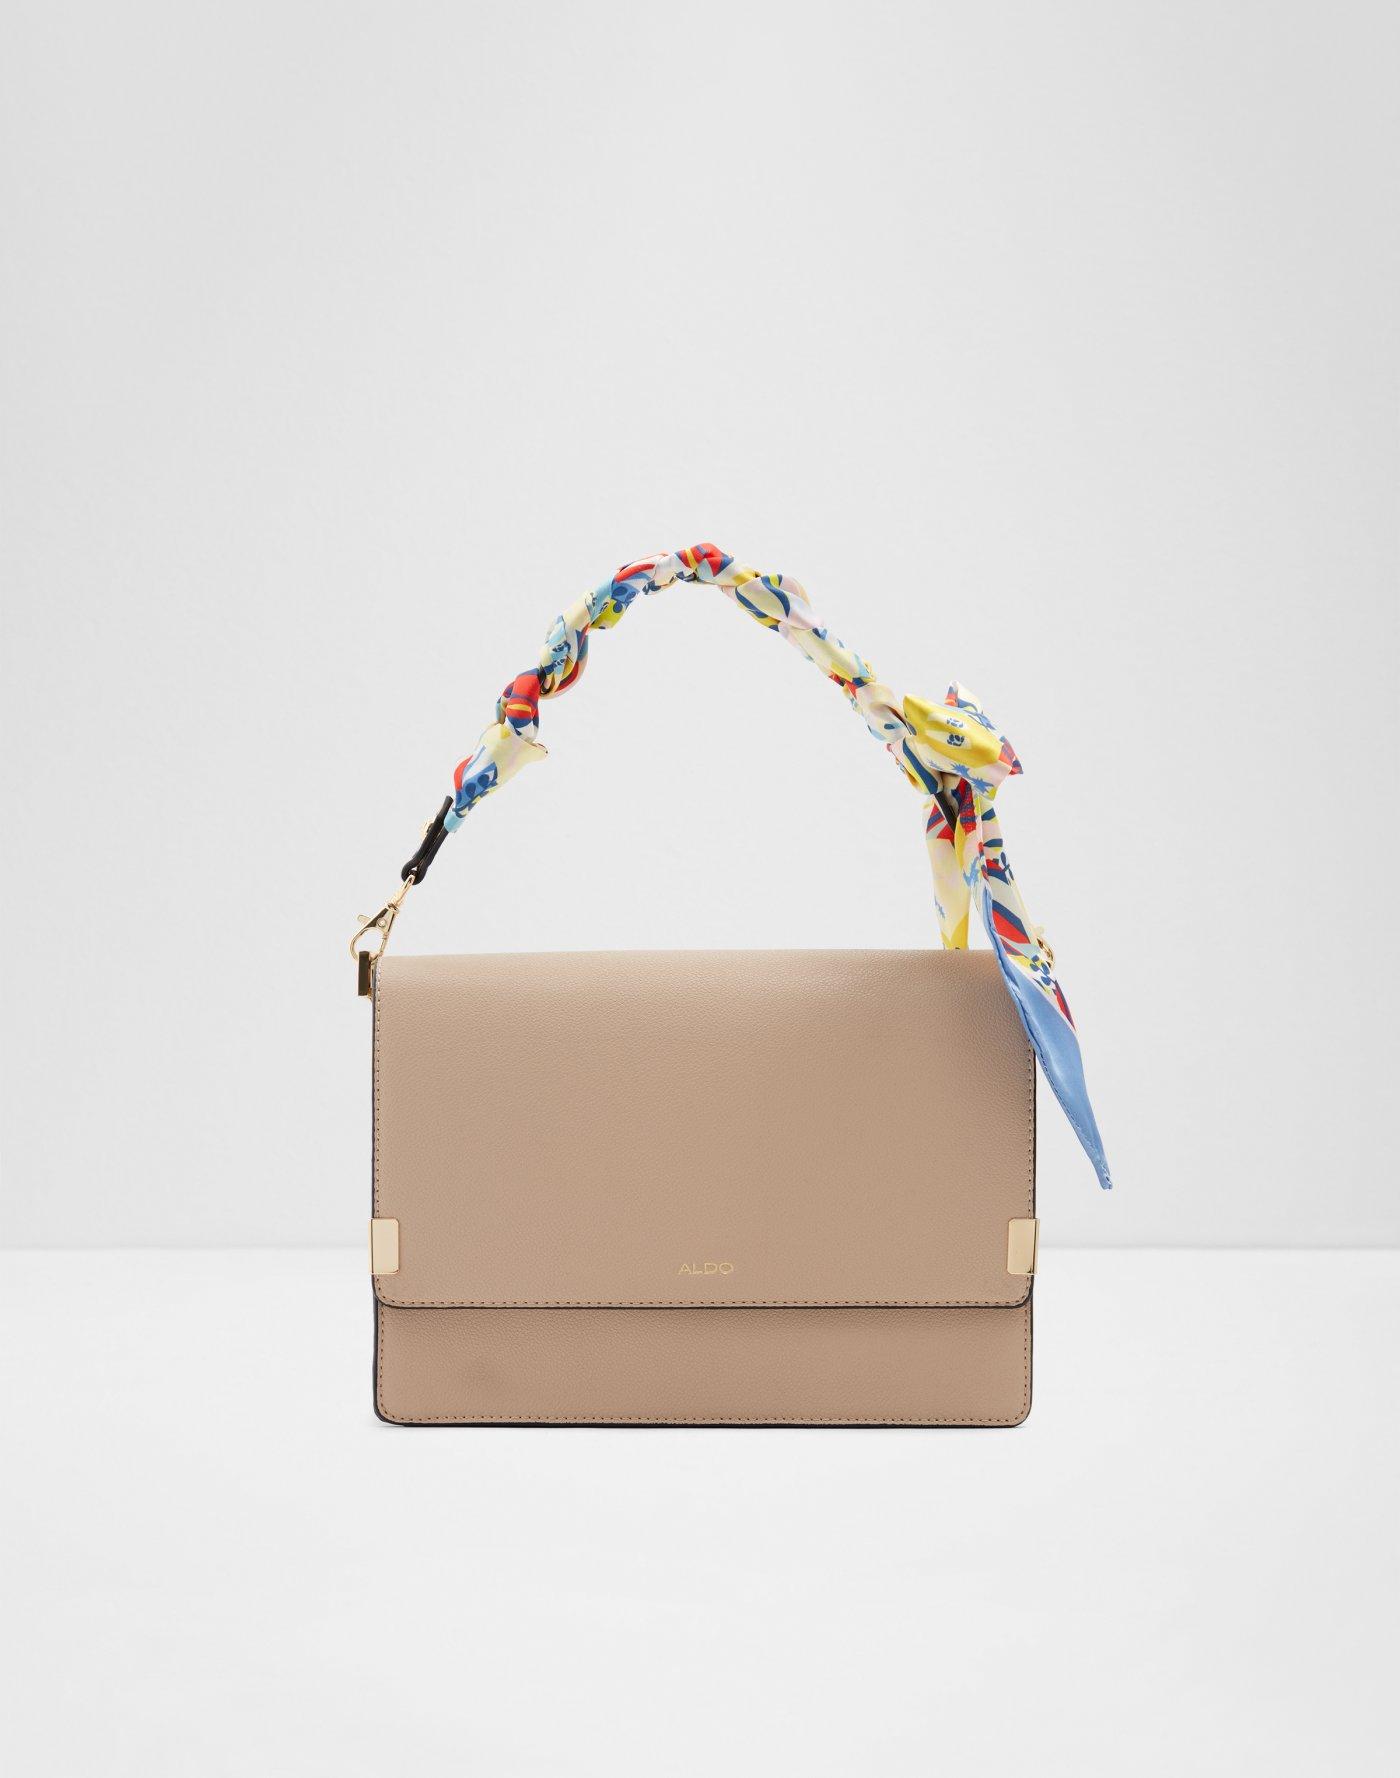 6cf12d25a6 All Handbags